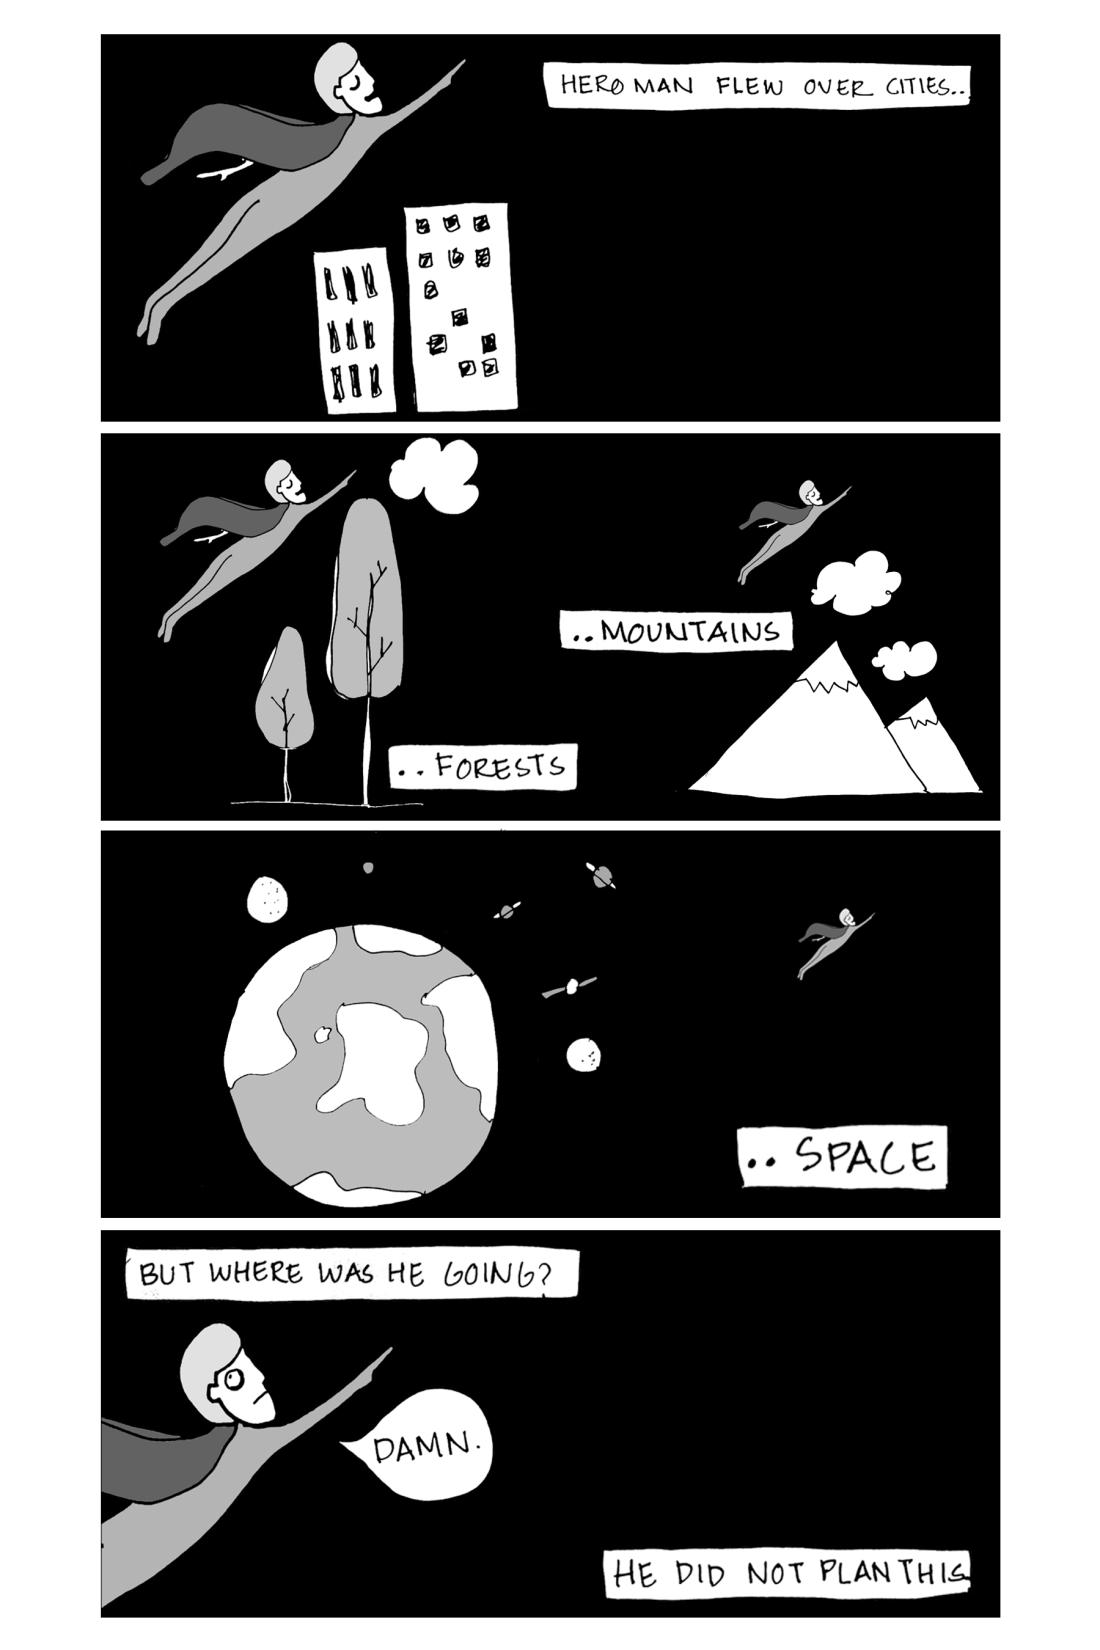 03_COMIX